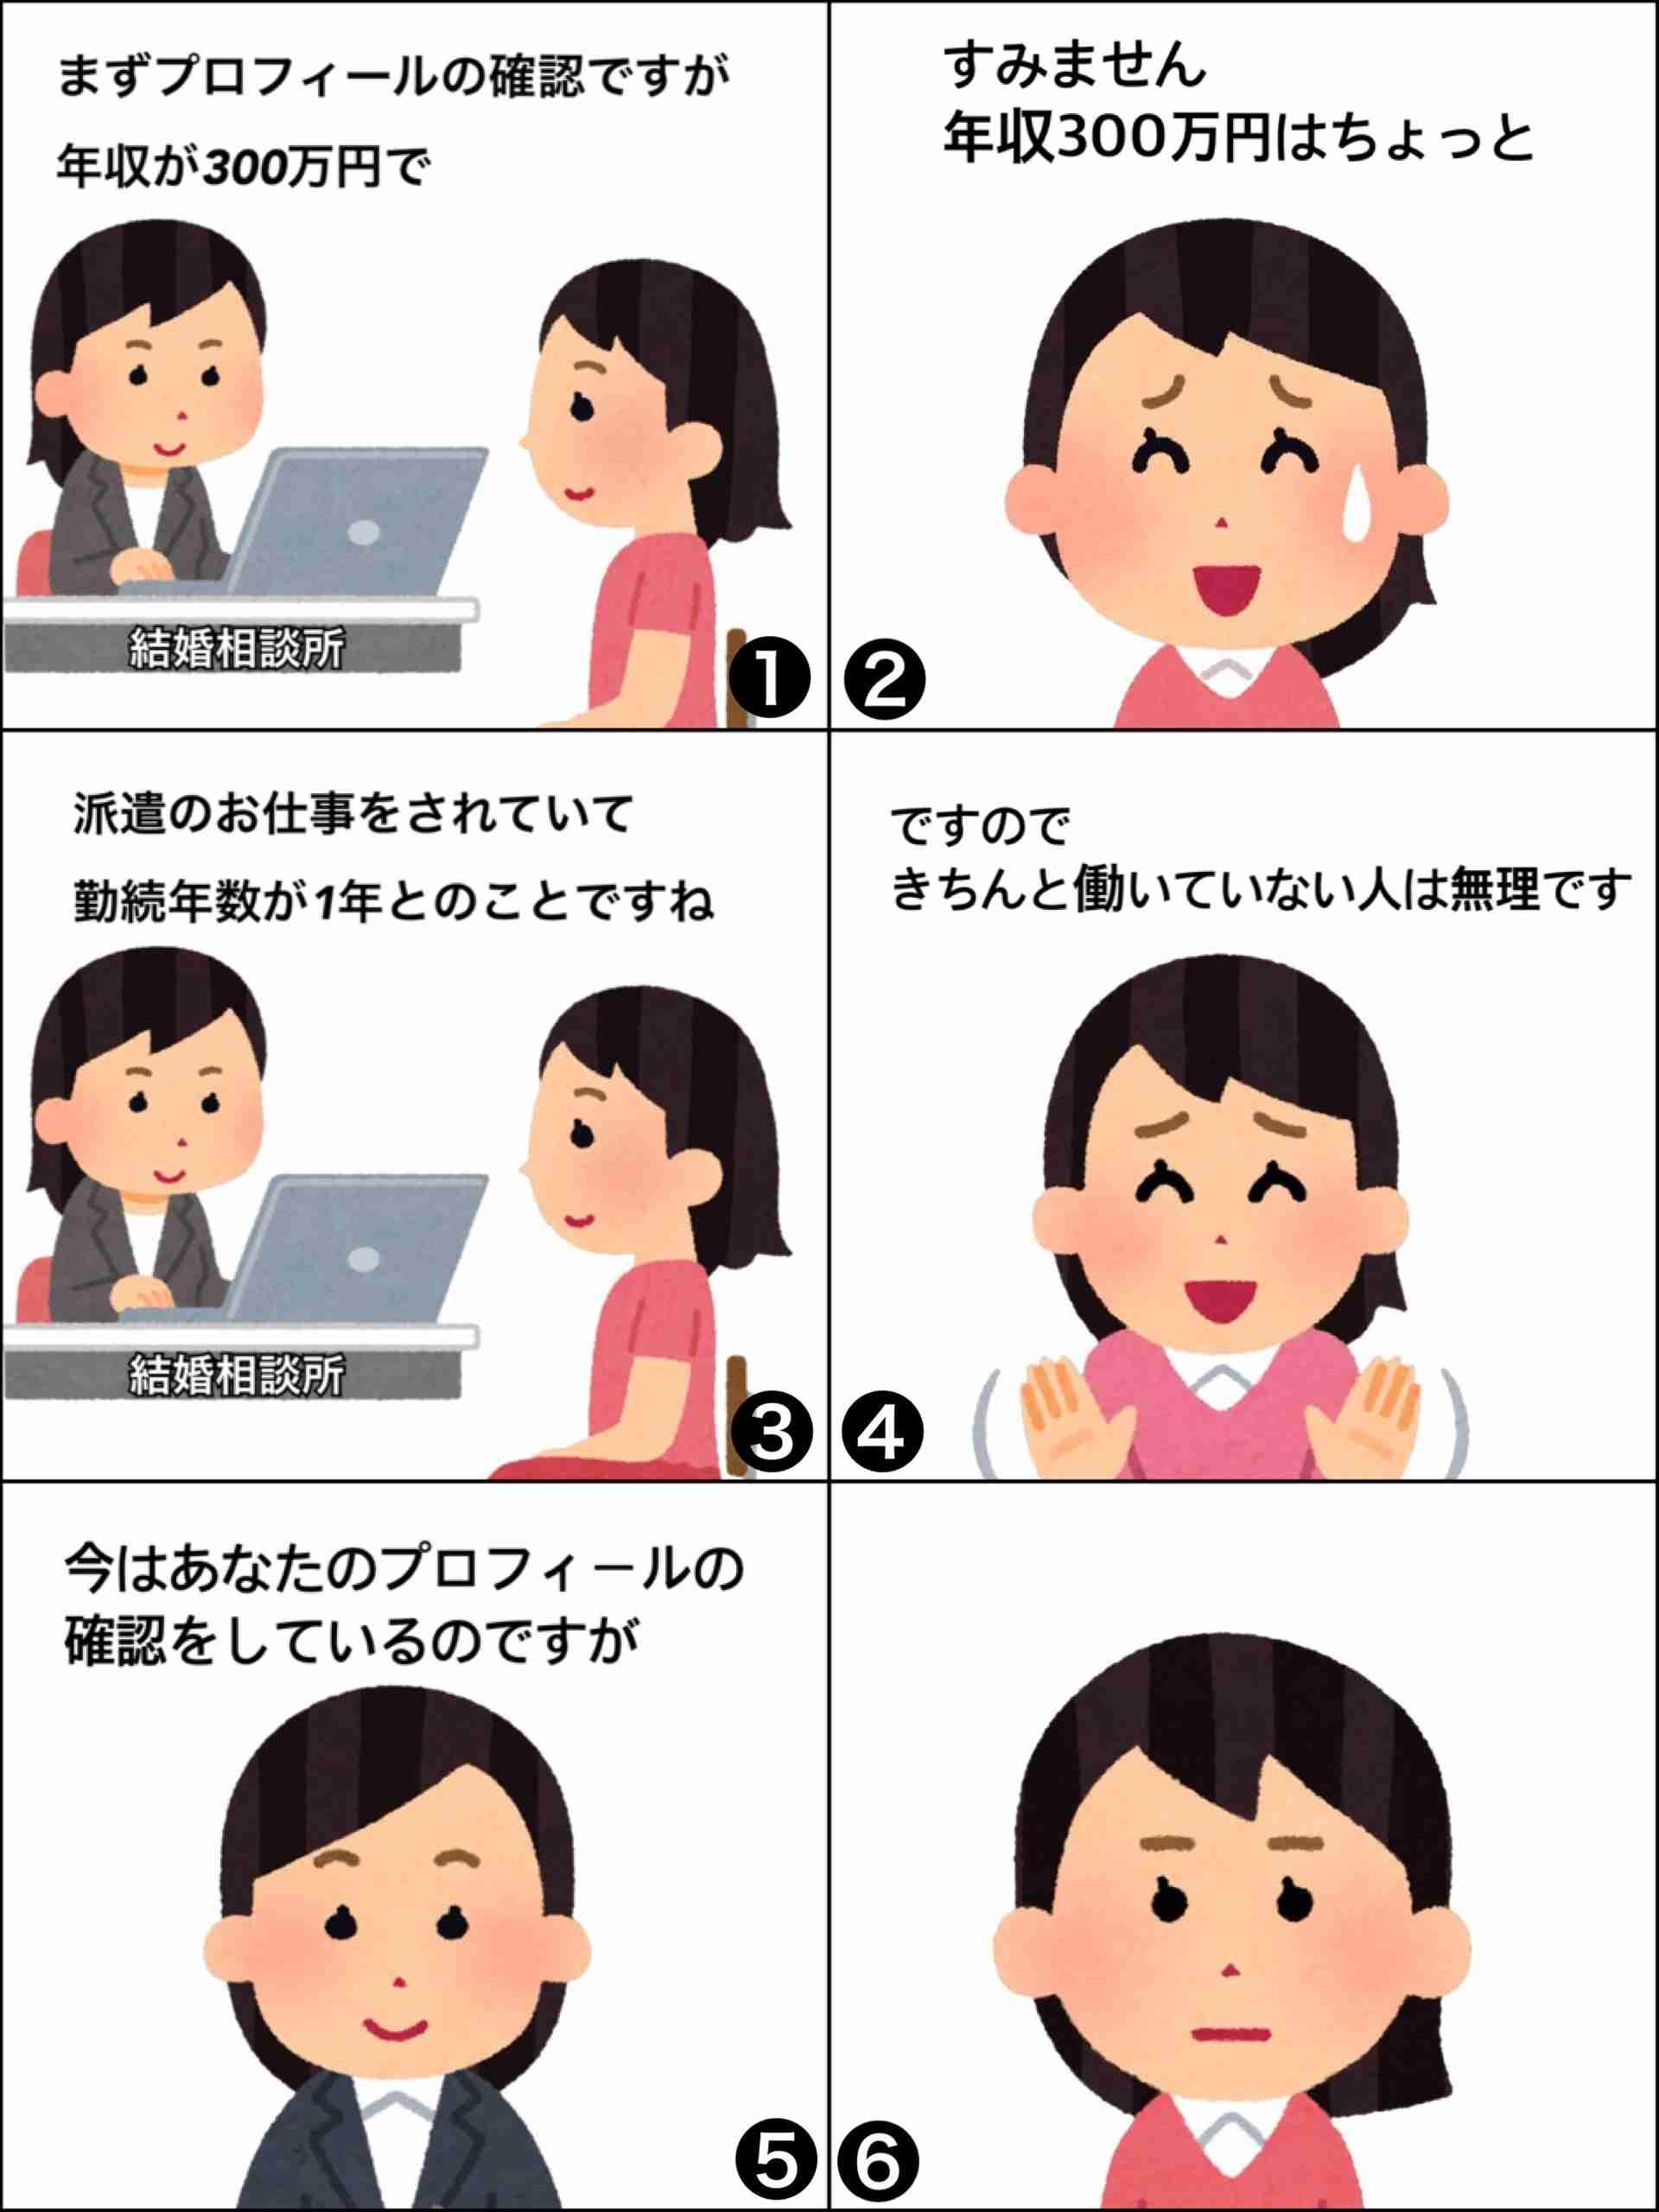 旦那に求める給料(3段階)